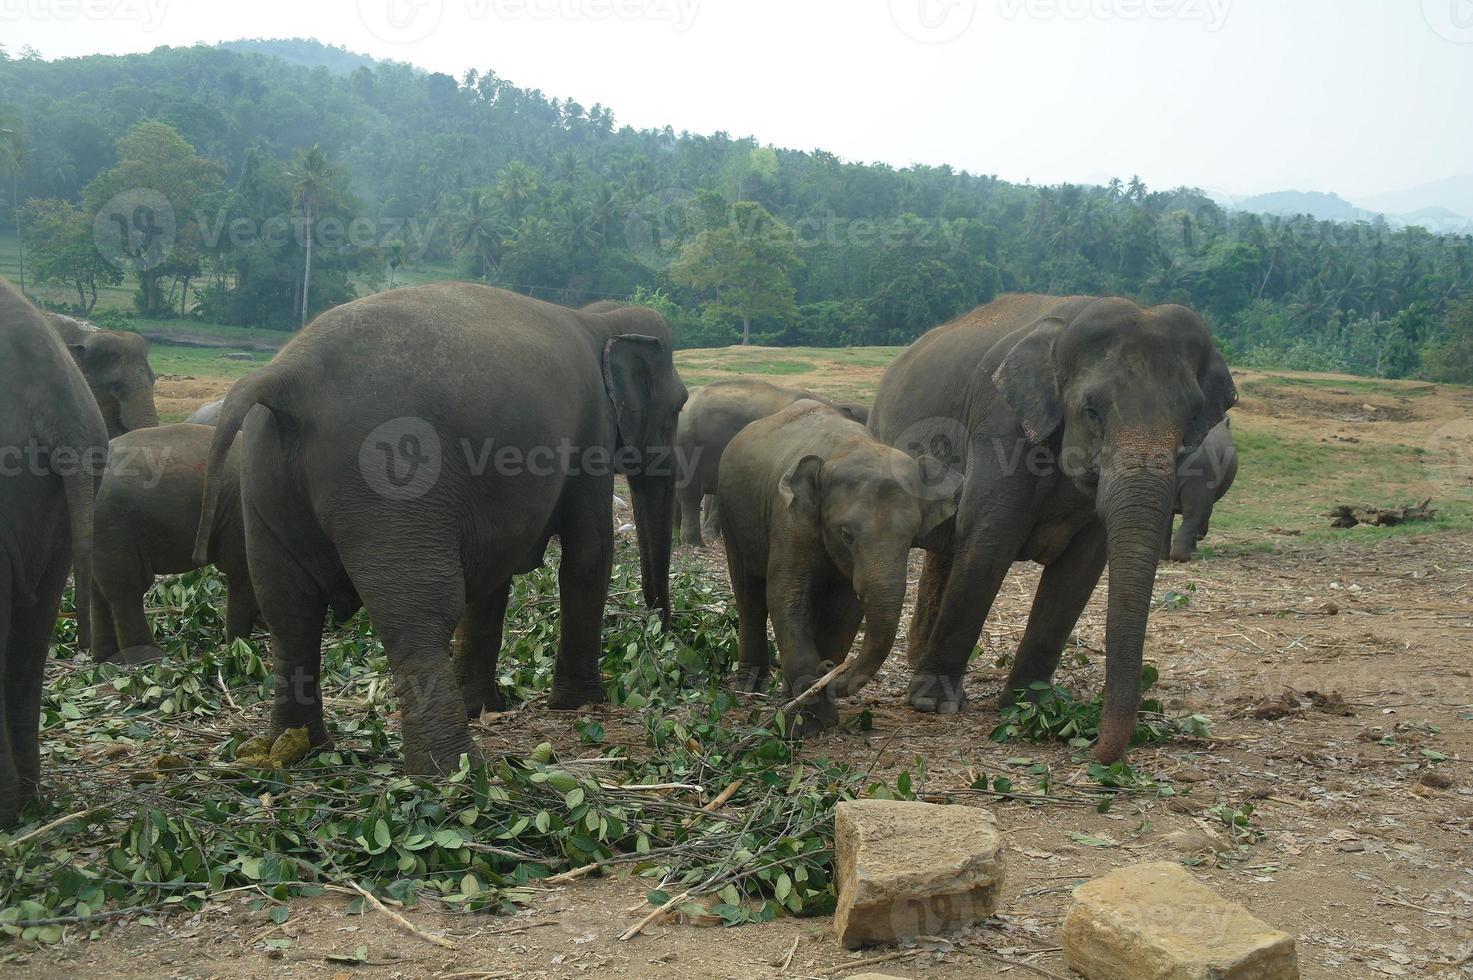 éléphants d'Asie, Sri Lanka photo